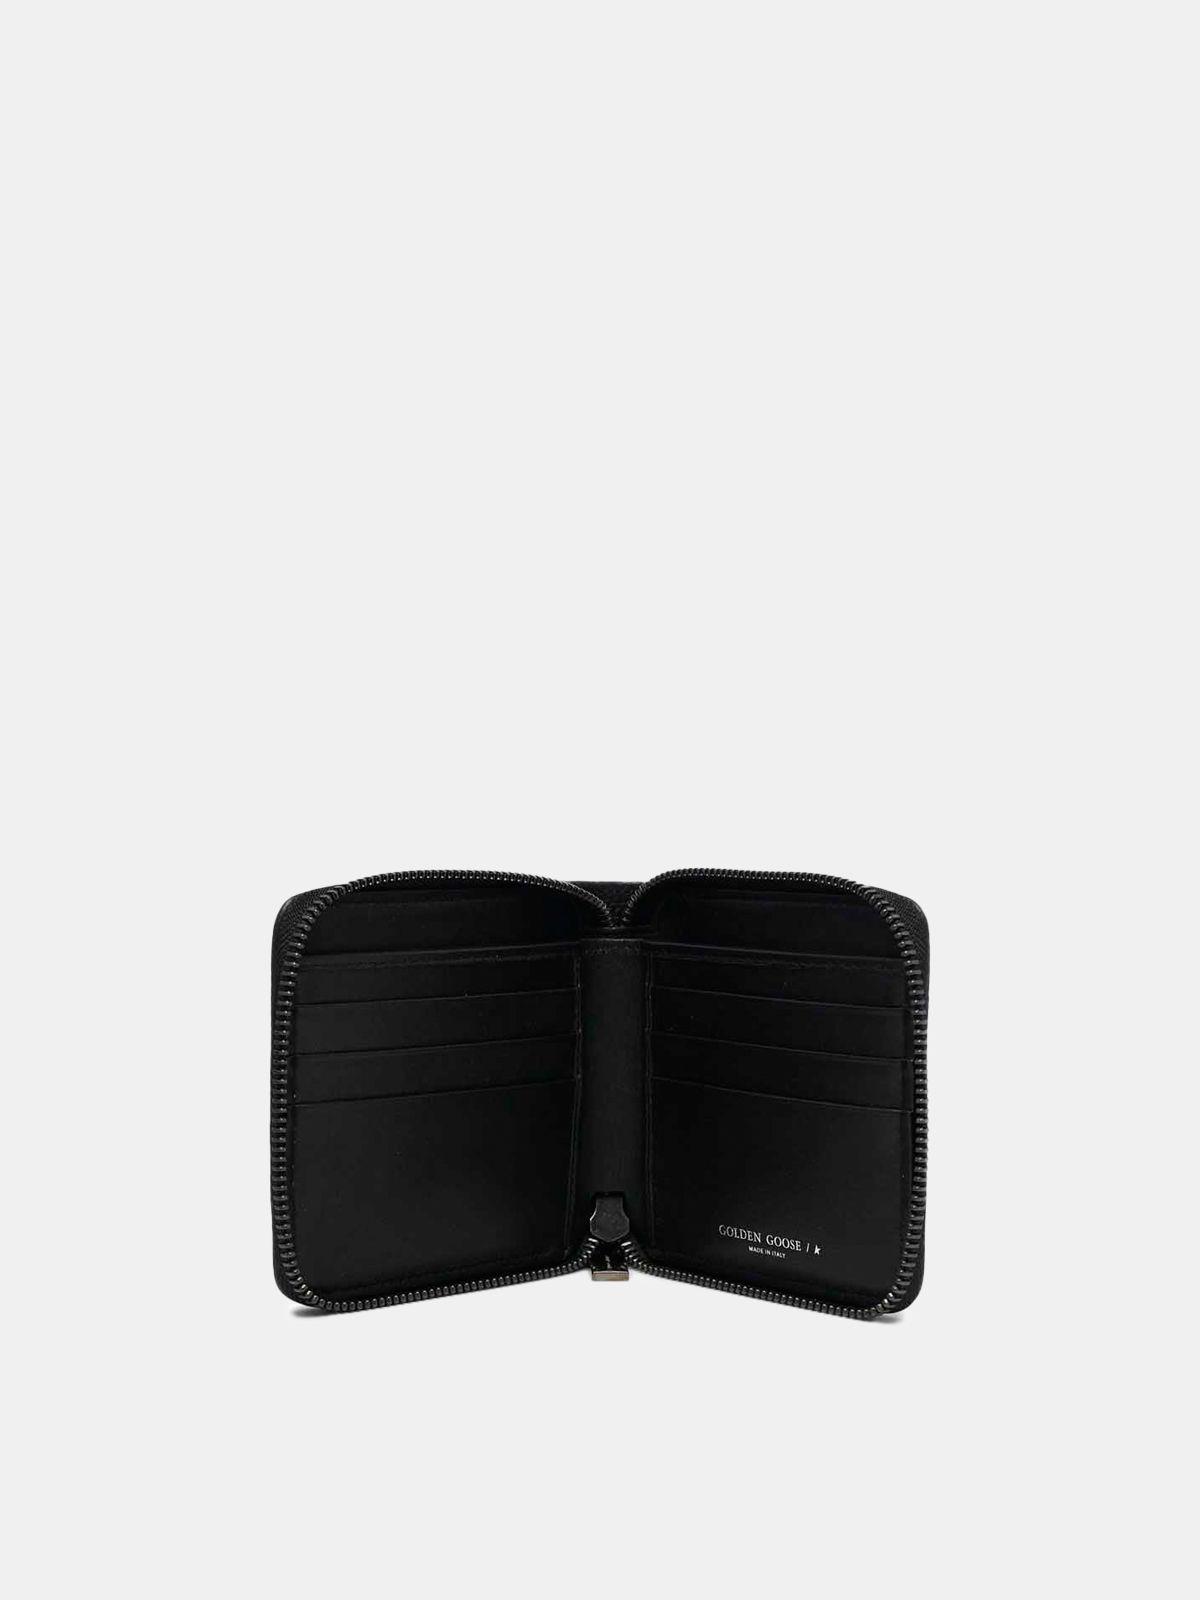 Golden Goose - Medium black Star Wallet in